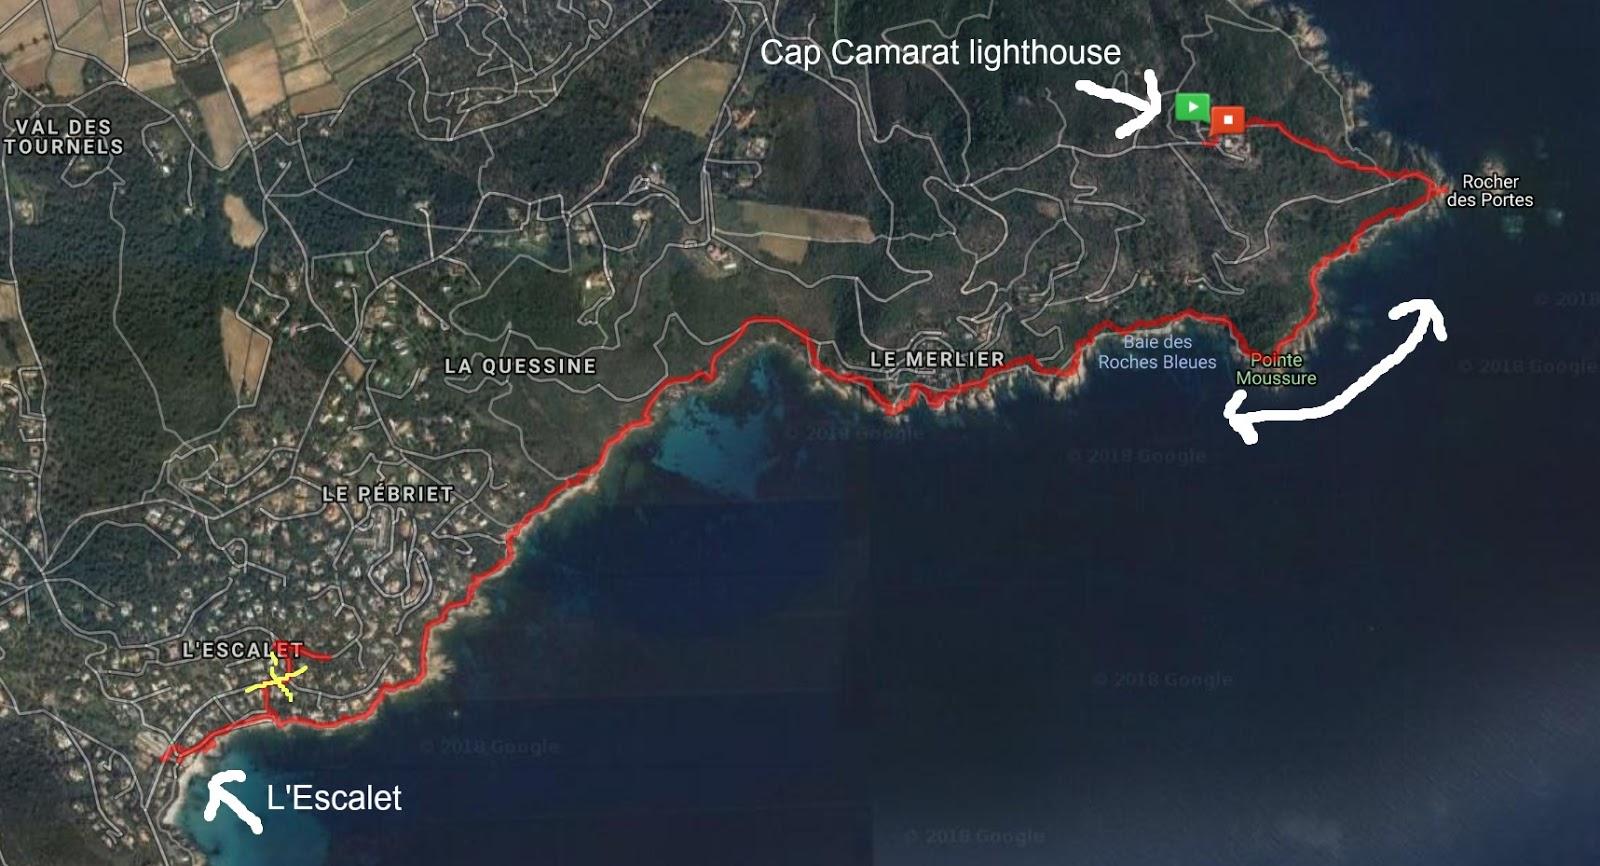 Cap Camarat Escalet trail image